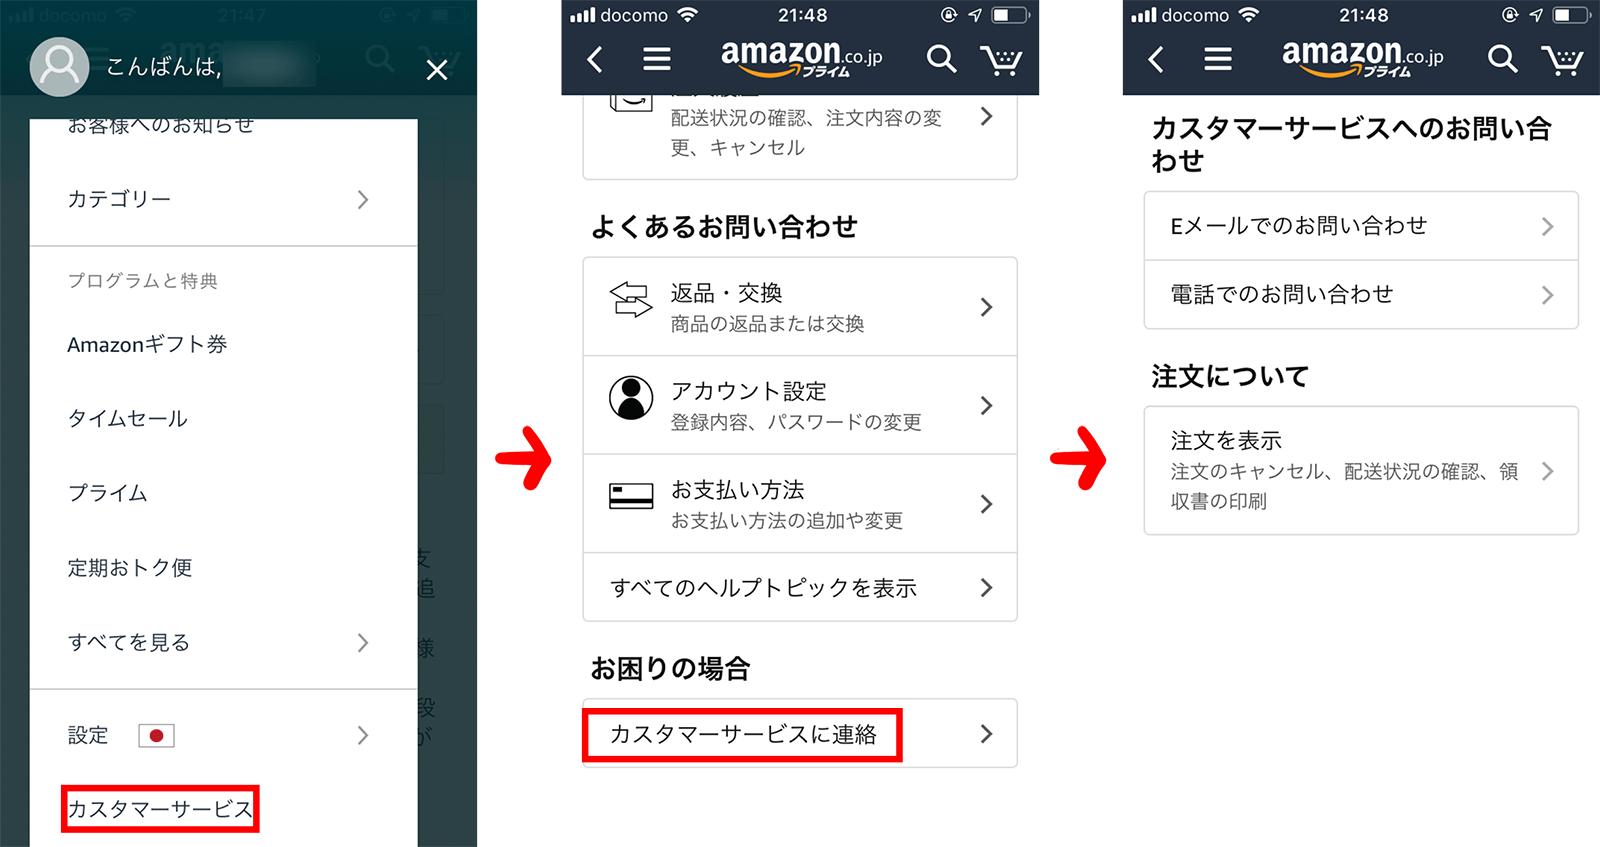 Amazonカスタマーサービスへの問い合わせ画面